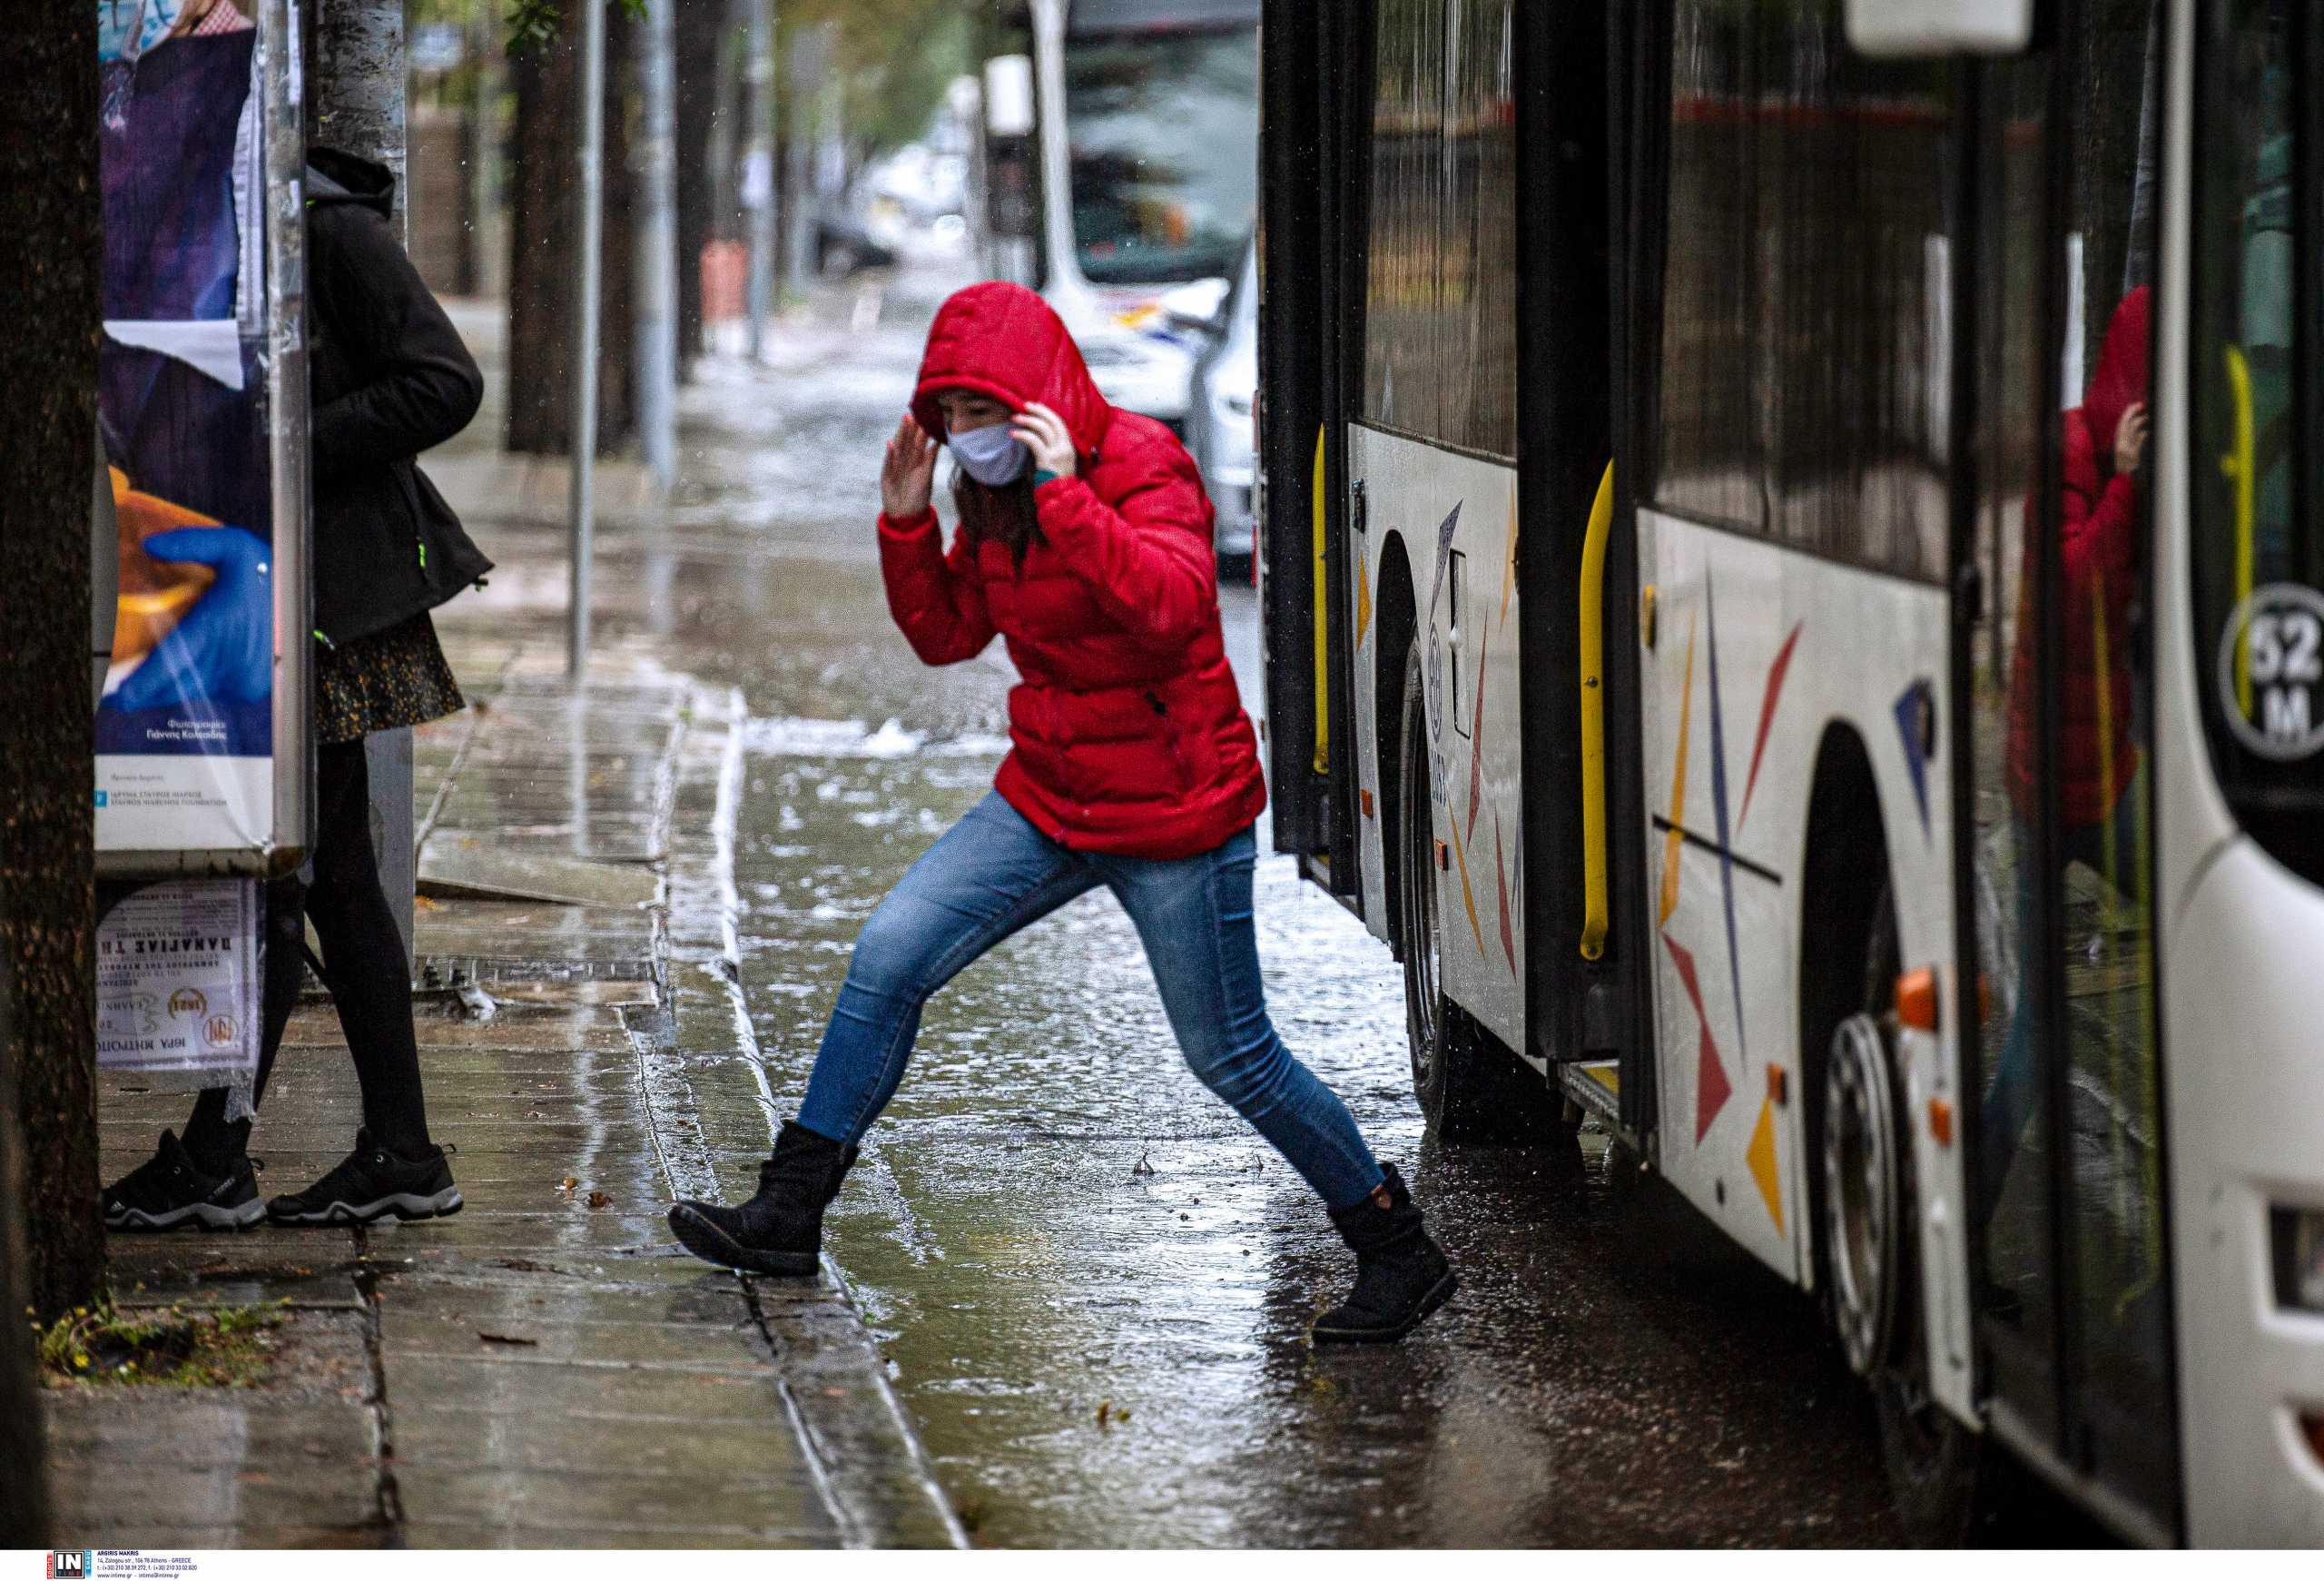 Κλειστά σχολεία σήμερα και αύριο στην Αττική λόγω της κακοκαιρίας